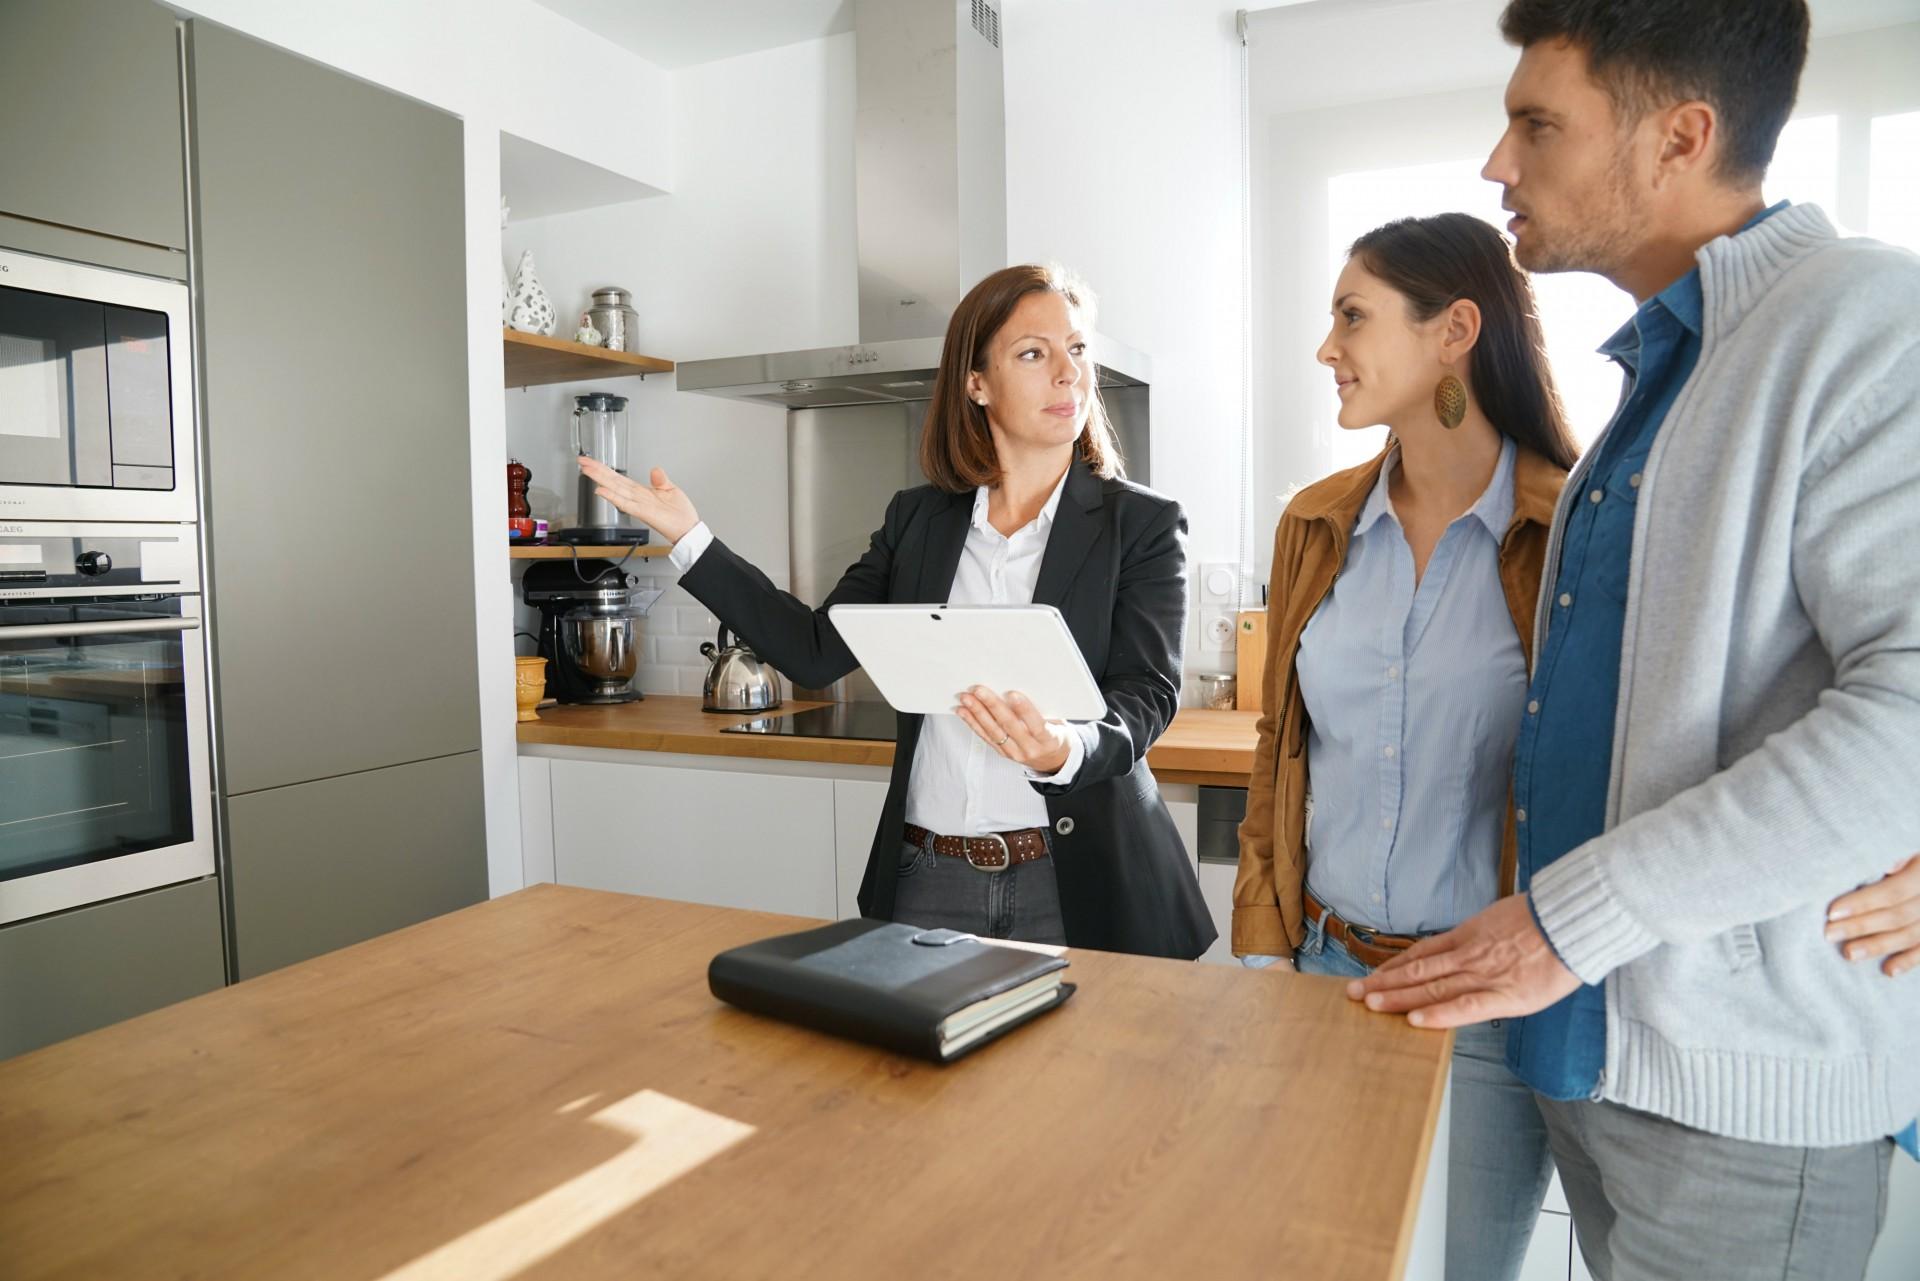 Zaufanie do agenta nieruchomości jest niezwykle ważne podczas podejmowania tak ważnej decyzji, jaką jest zakup mieszkania